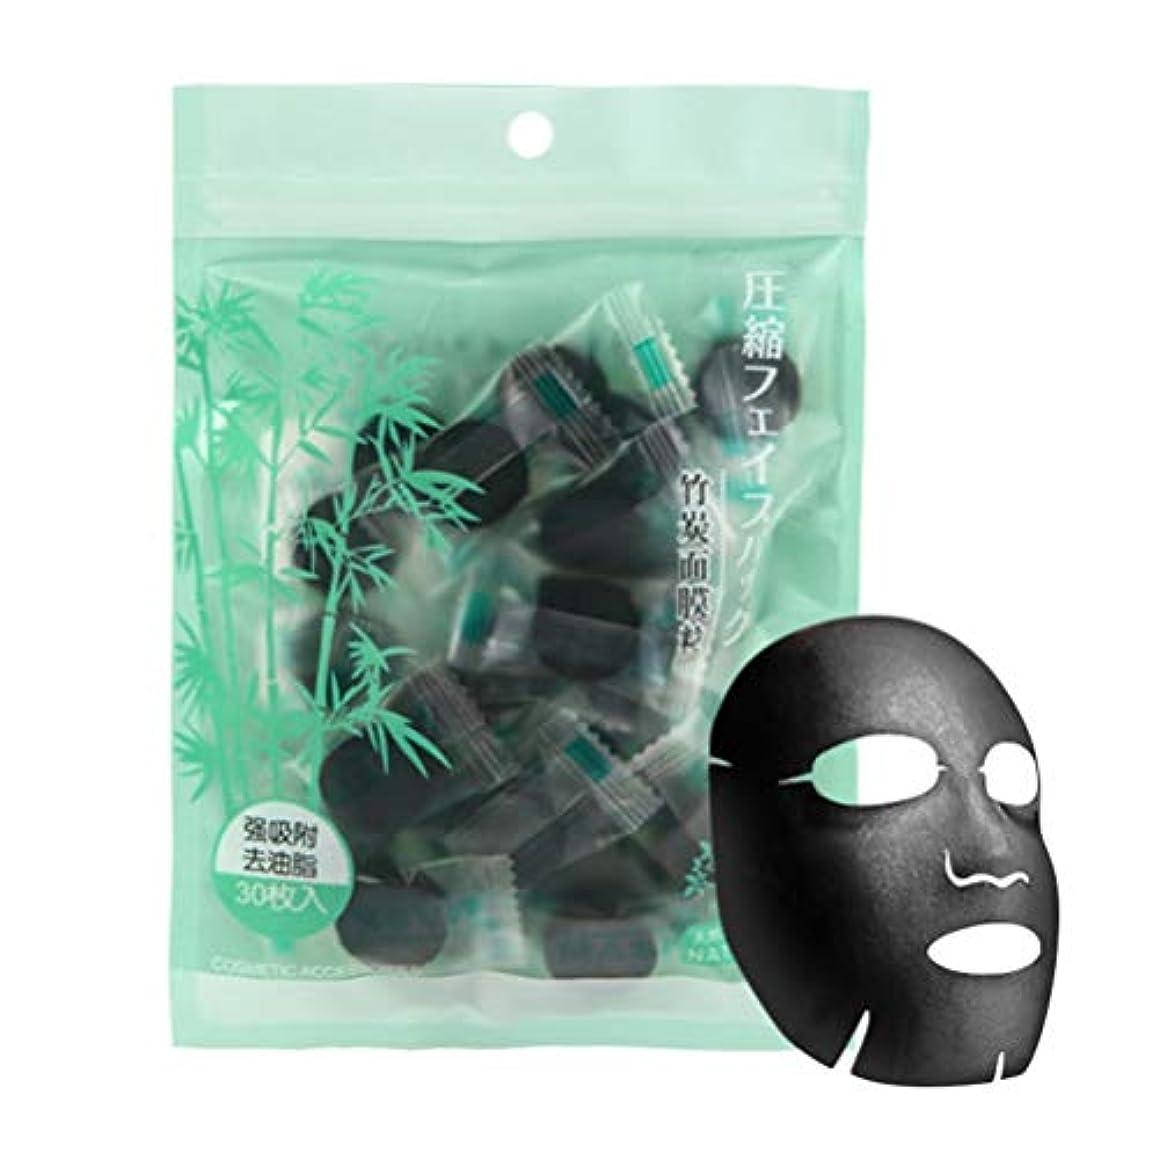 コカインメイド撤回するHEALLILY 30ピース使い捨てフェイシャルマスクDIY天然竹炭圧縮フェイシャルマスクシートスキンケアマスク